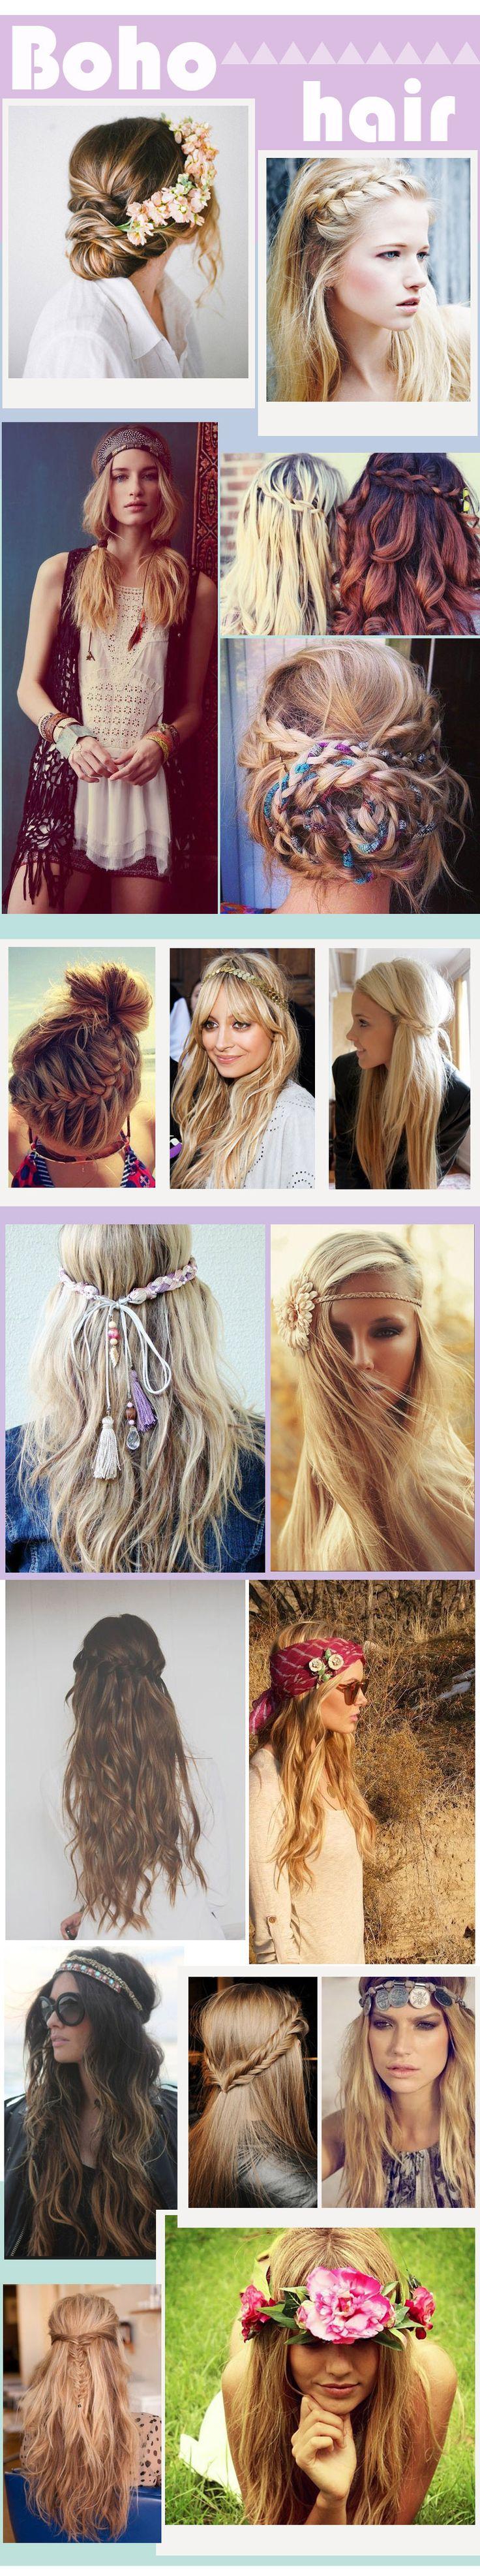 Boho-Chic Frisuren für Mädchen